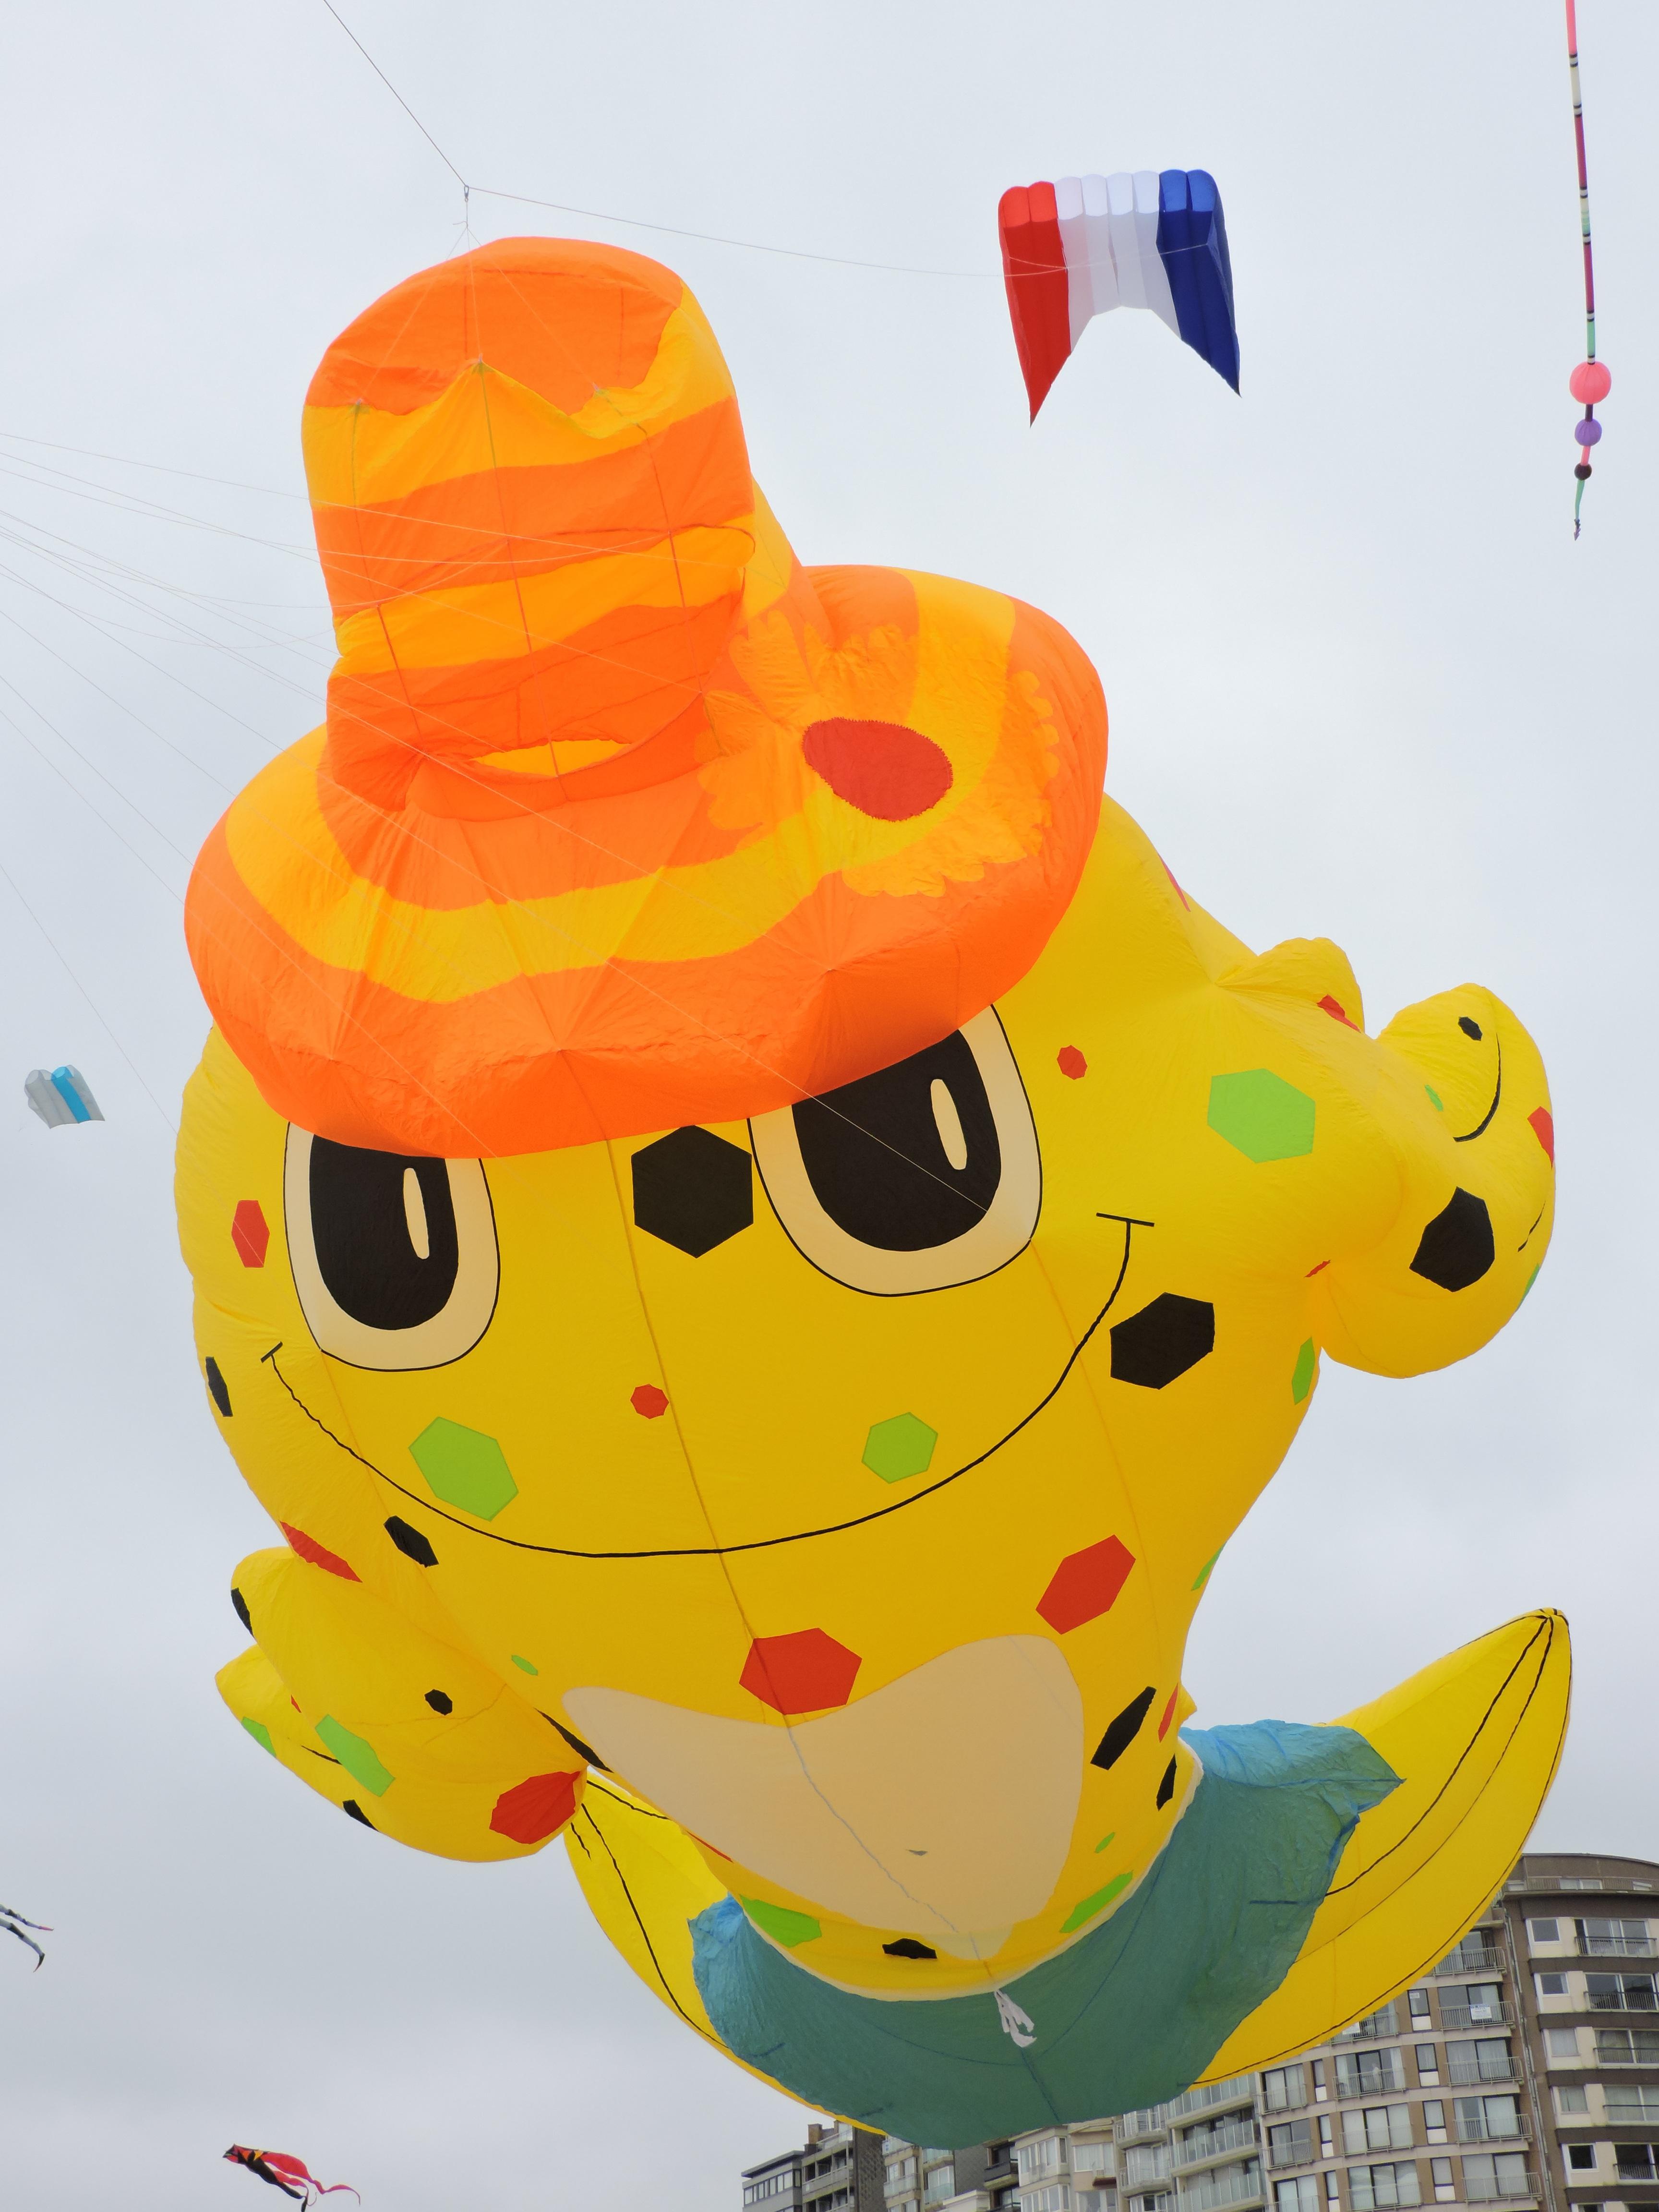 Gambar Laut Kuning Mainan Seni Festival Ilustrasi Ballon